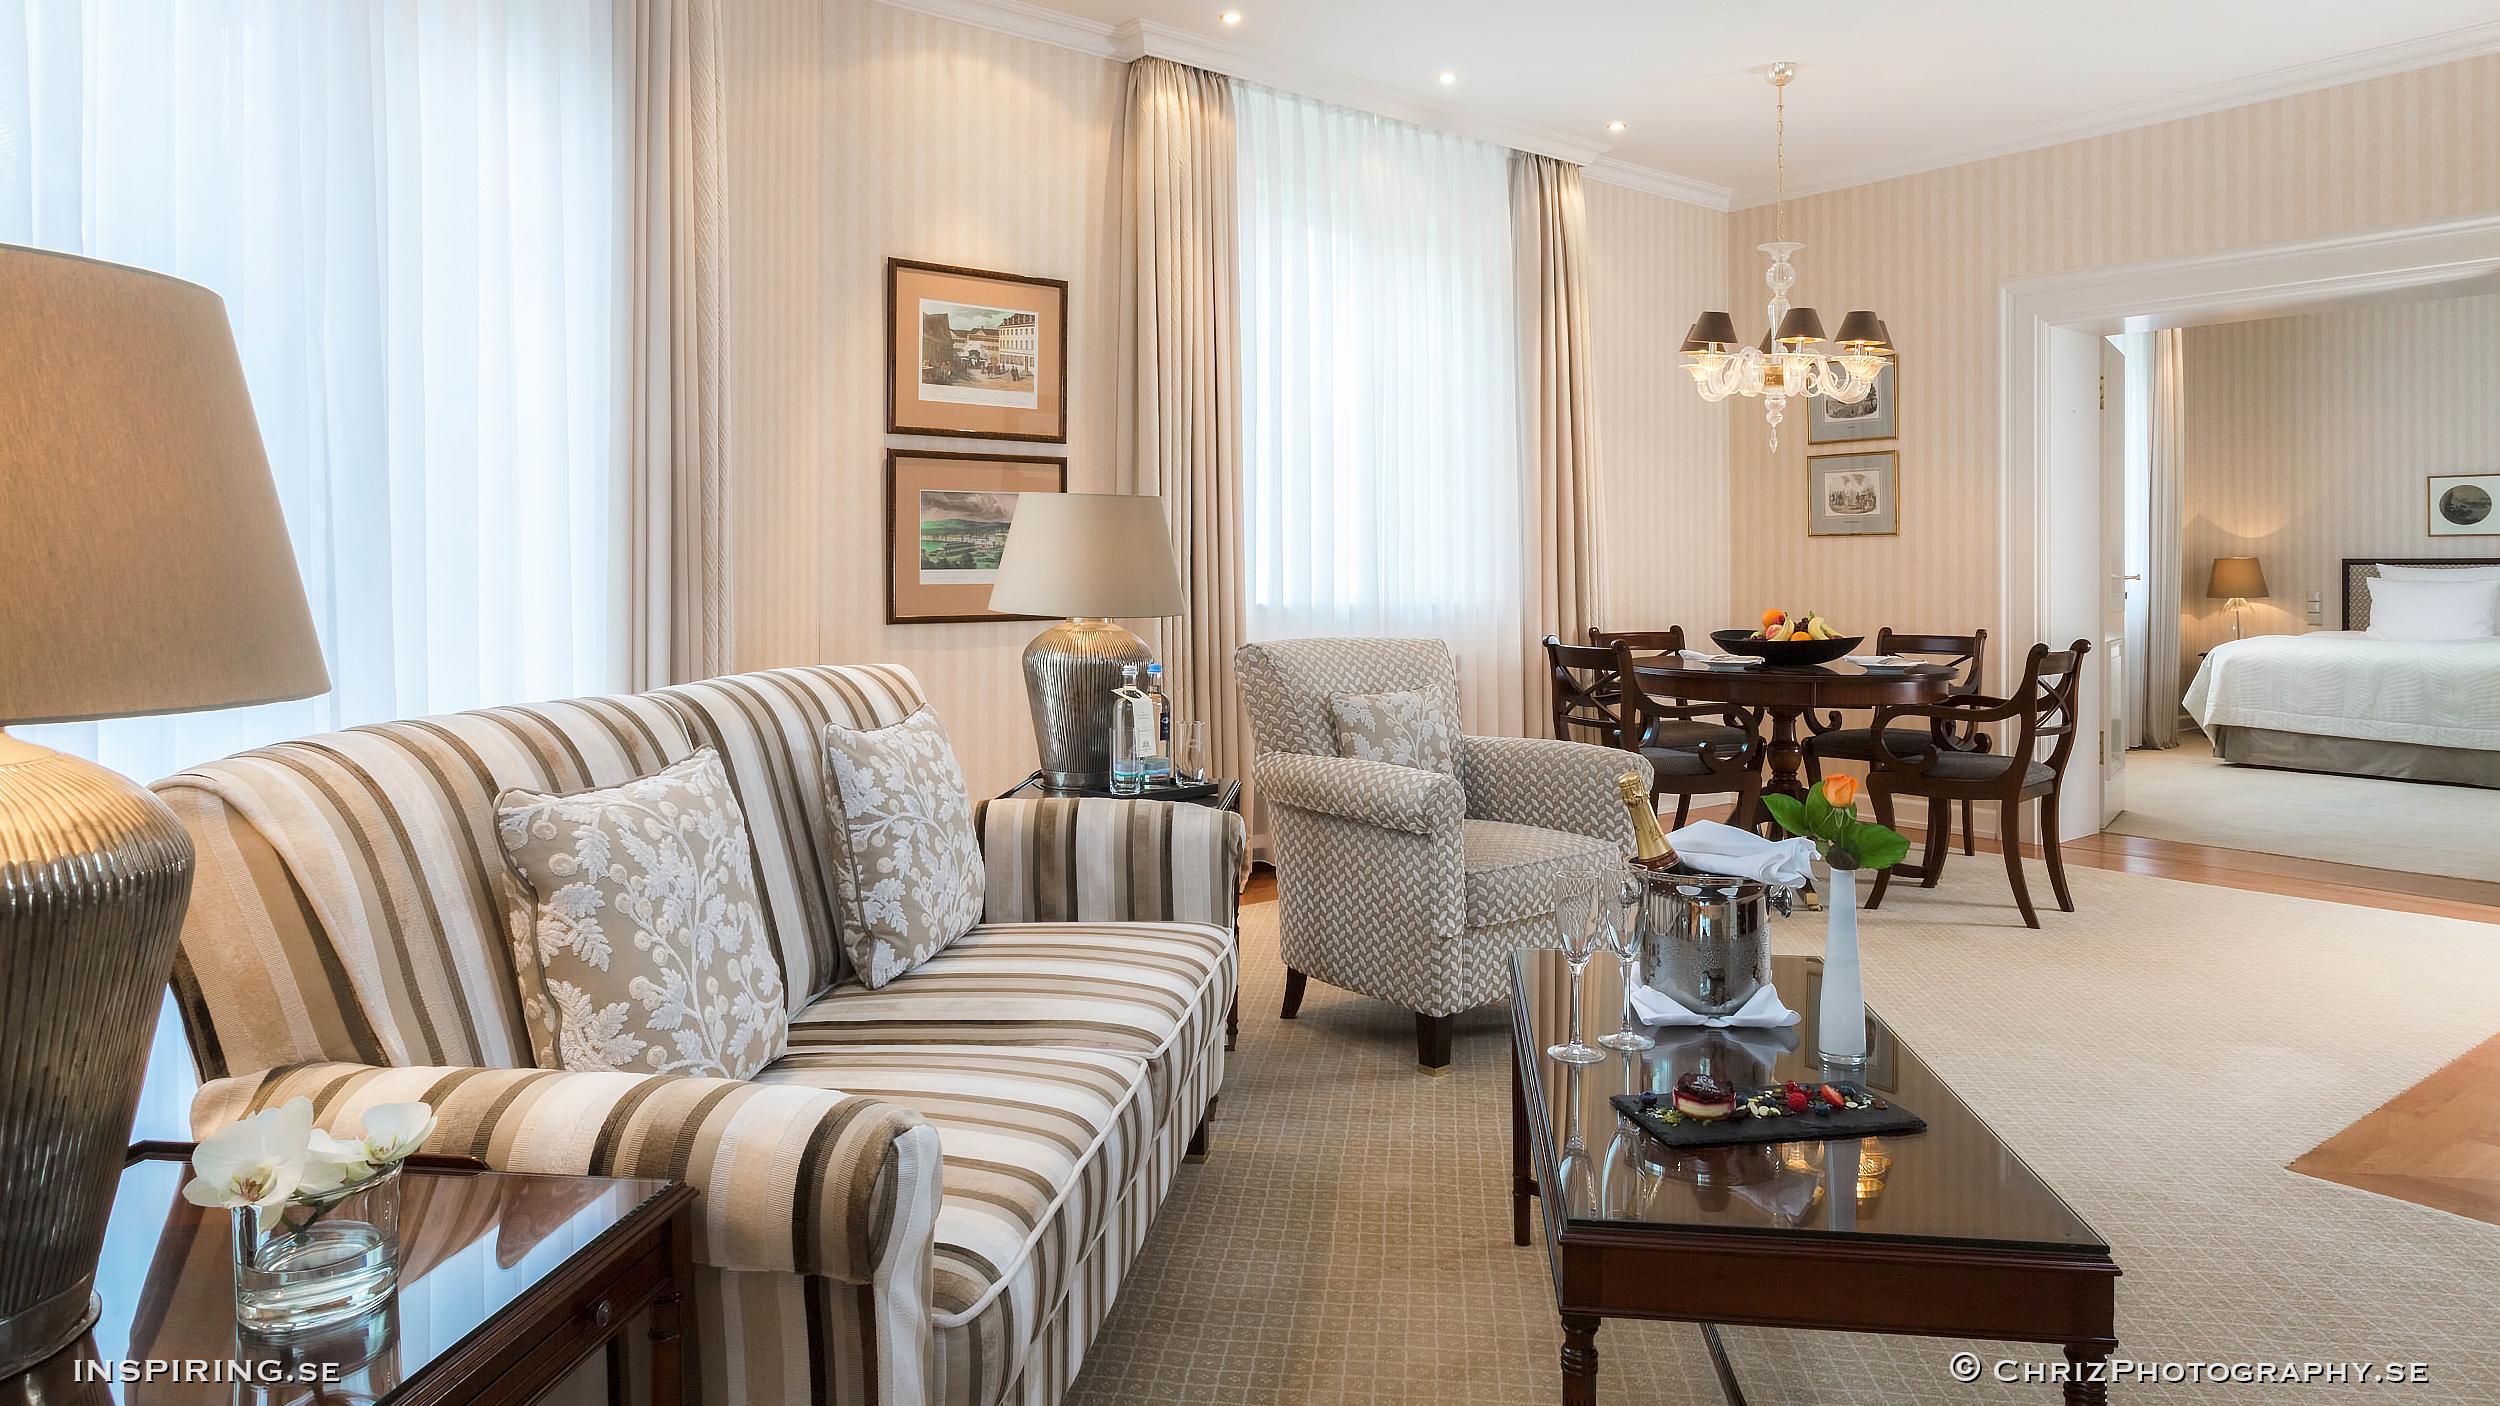 Hotel_Nassauer_Hof_Inspiring.se_copyright_ChrizPhotography.se_4.jpg